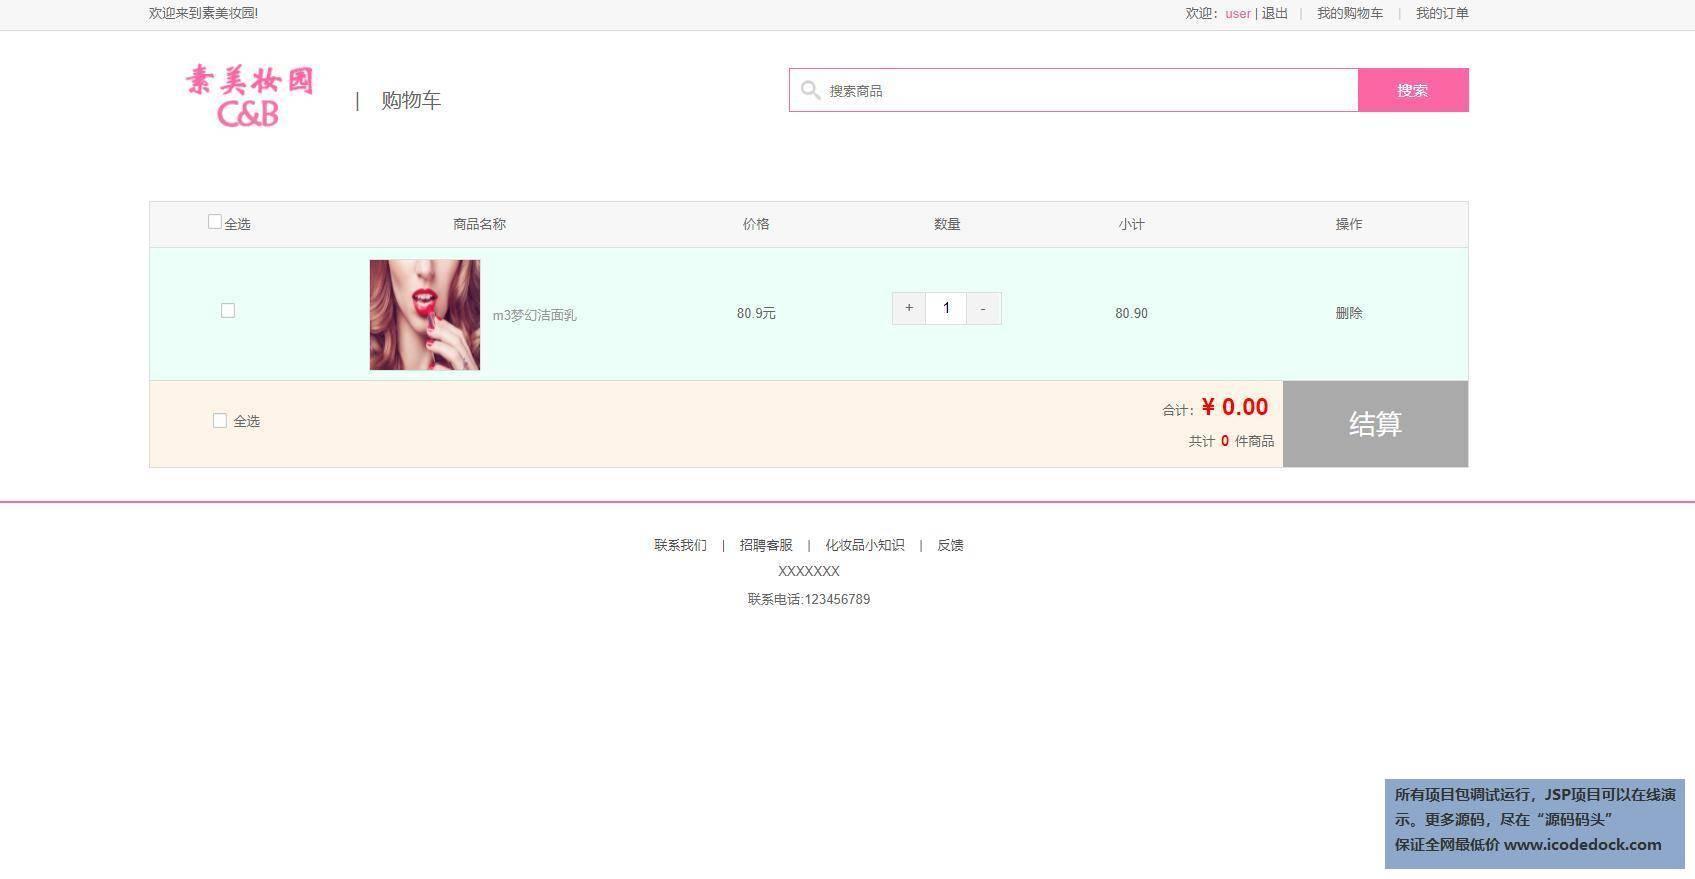 源码码头-SSM在线化妆品网站-用户角色-查看购物车